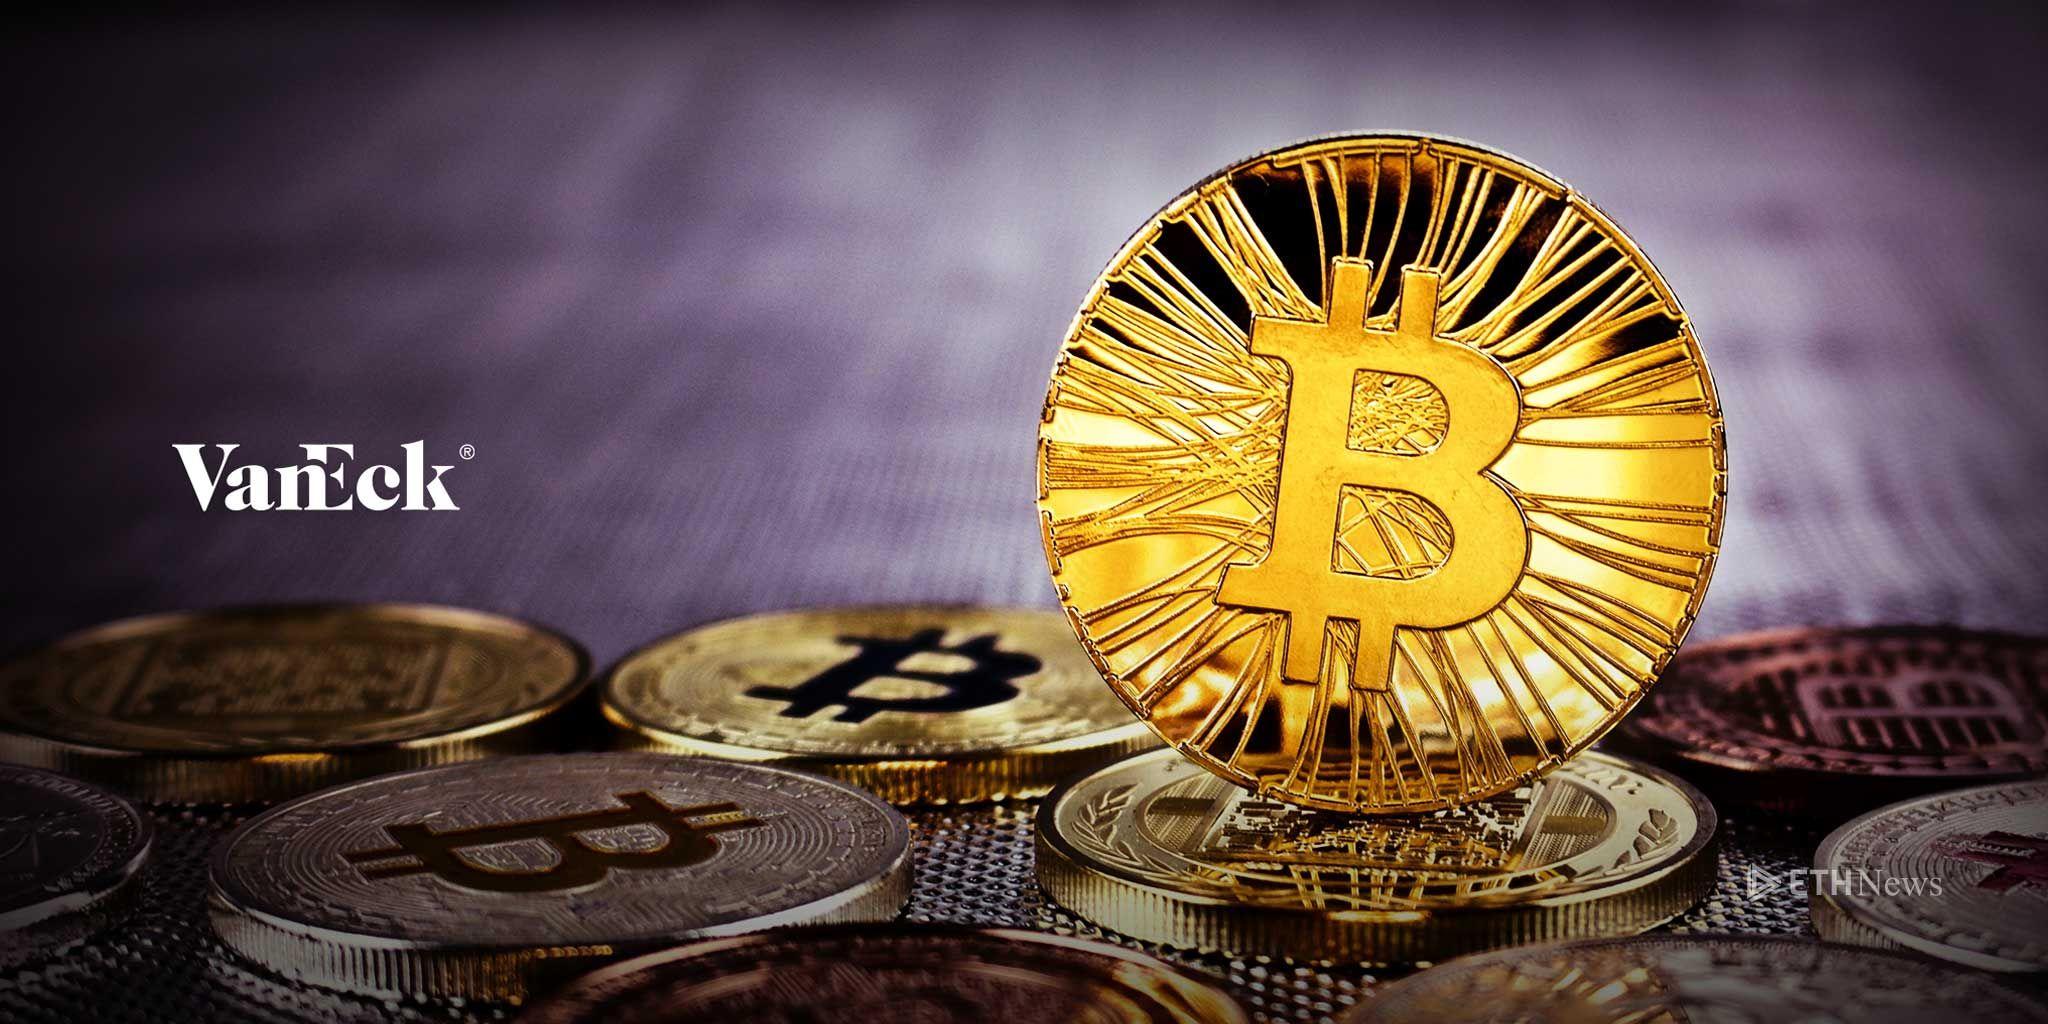 VanEck ofrece un producto financiero de bitcoin inicialmente para inversores institucionales